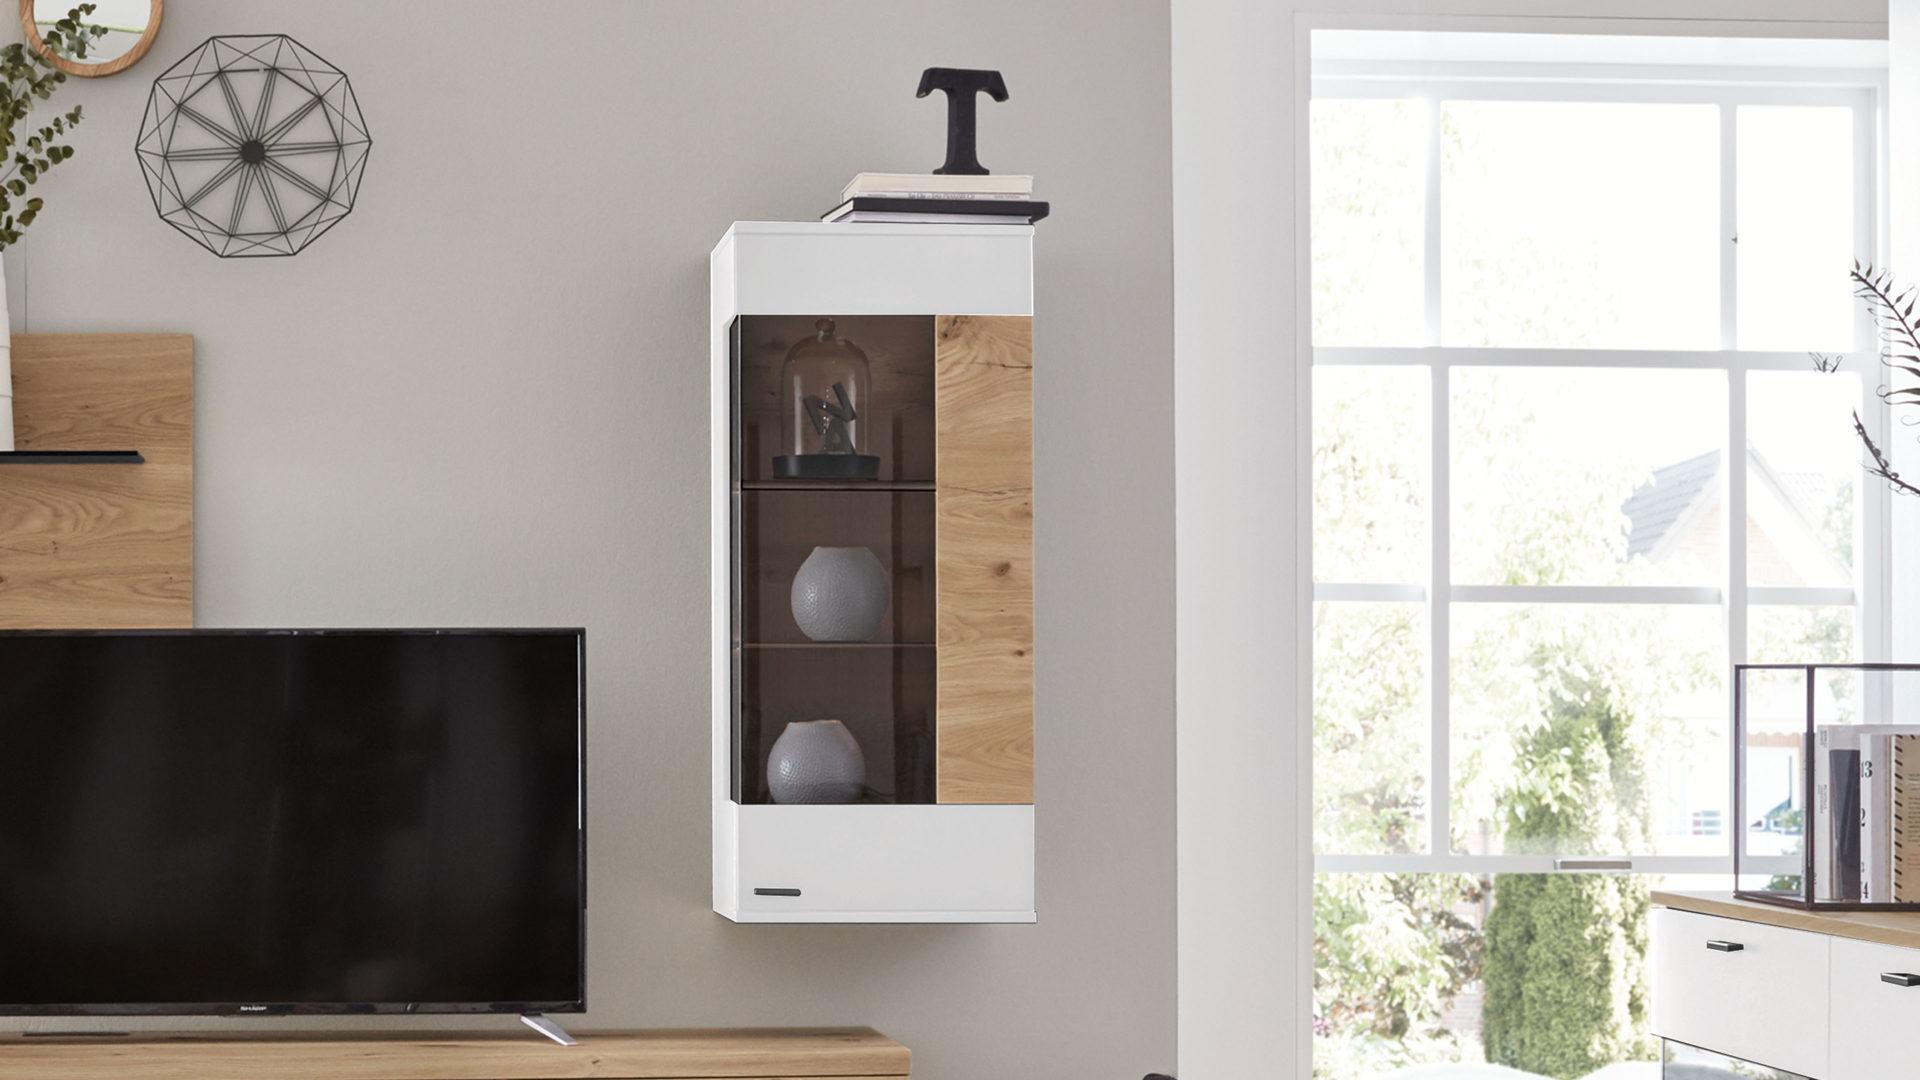 Interliving Wohnzimmer Serie 15 – Hängevitrine, weiße Lackoberflächen &  Balkeneiche – eine Tür